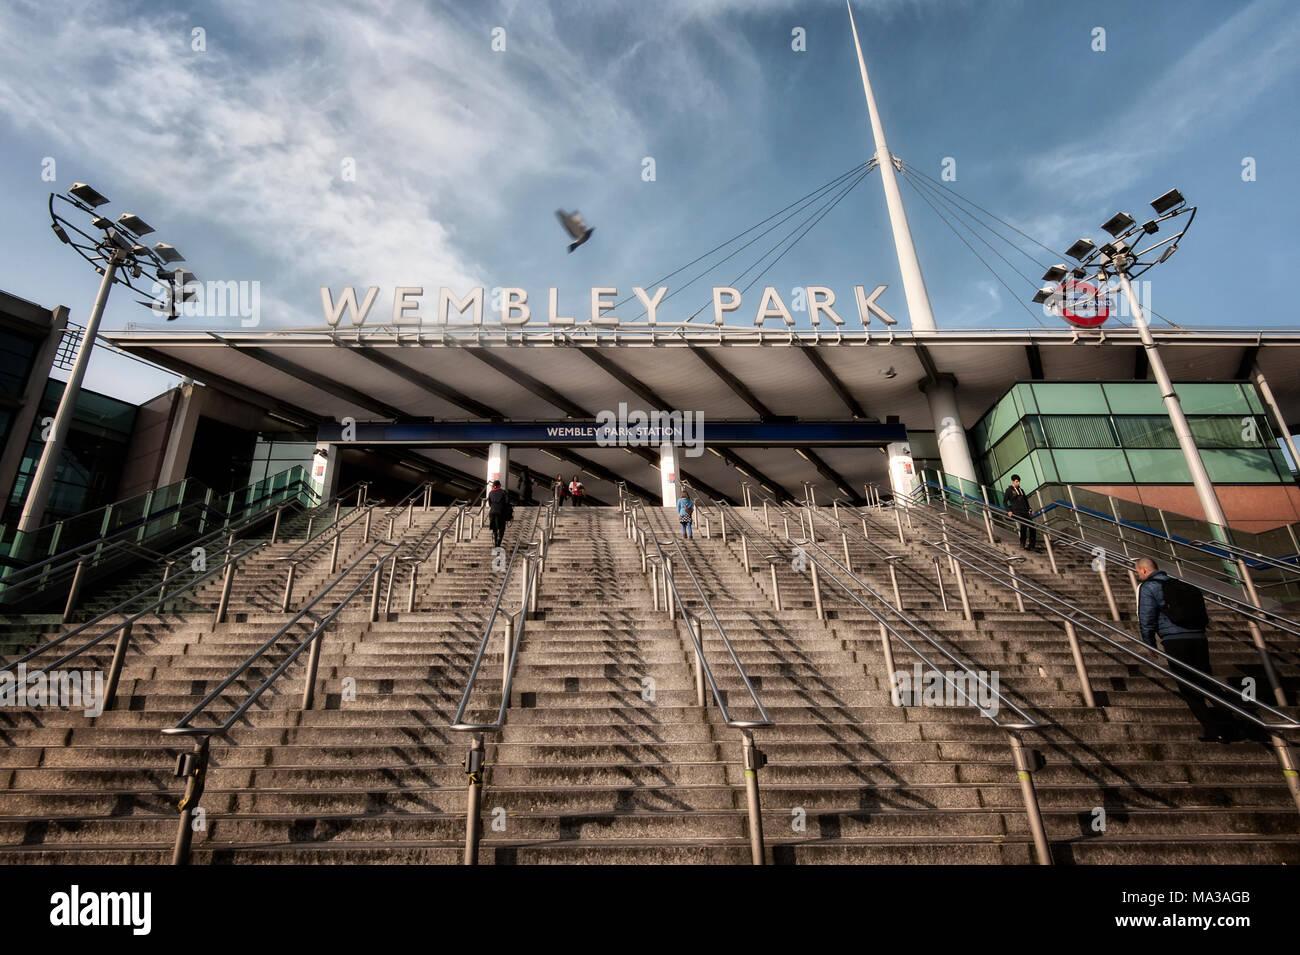 London Underground Tube Station: Wembley Park - Stock Image